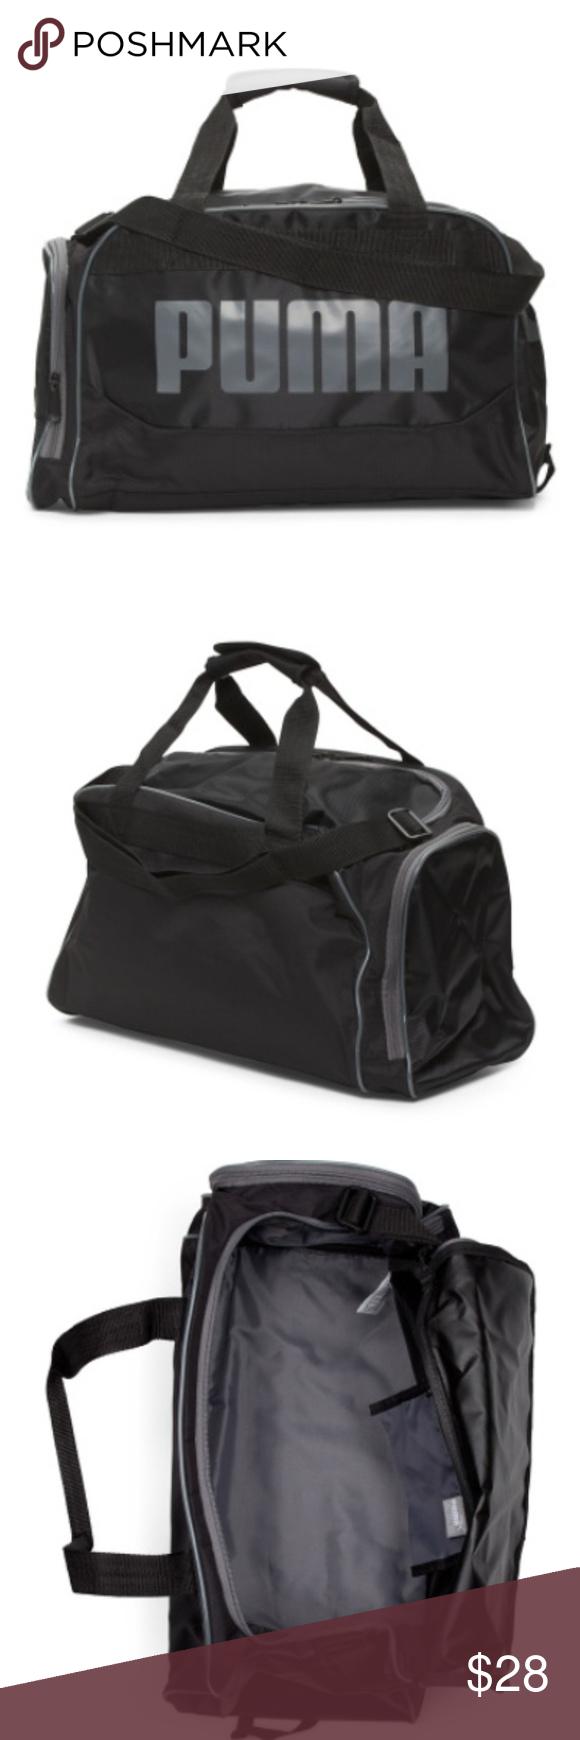 b4185b7802 Puma Mens Transformation Duffel Sport   Travel Bag - dual handles